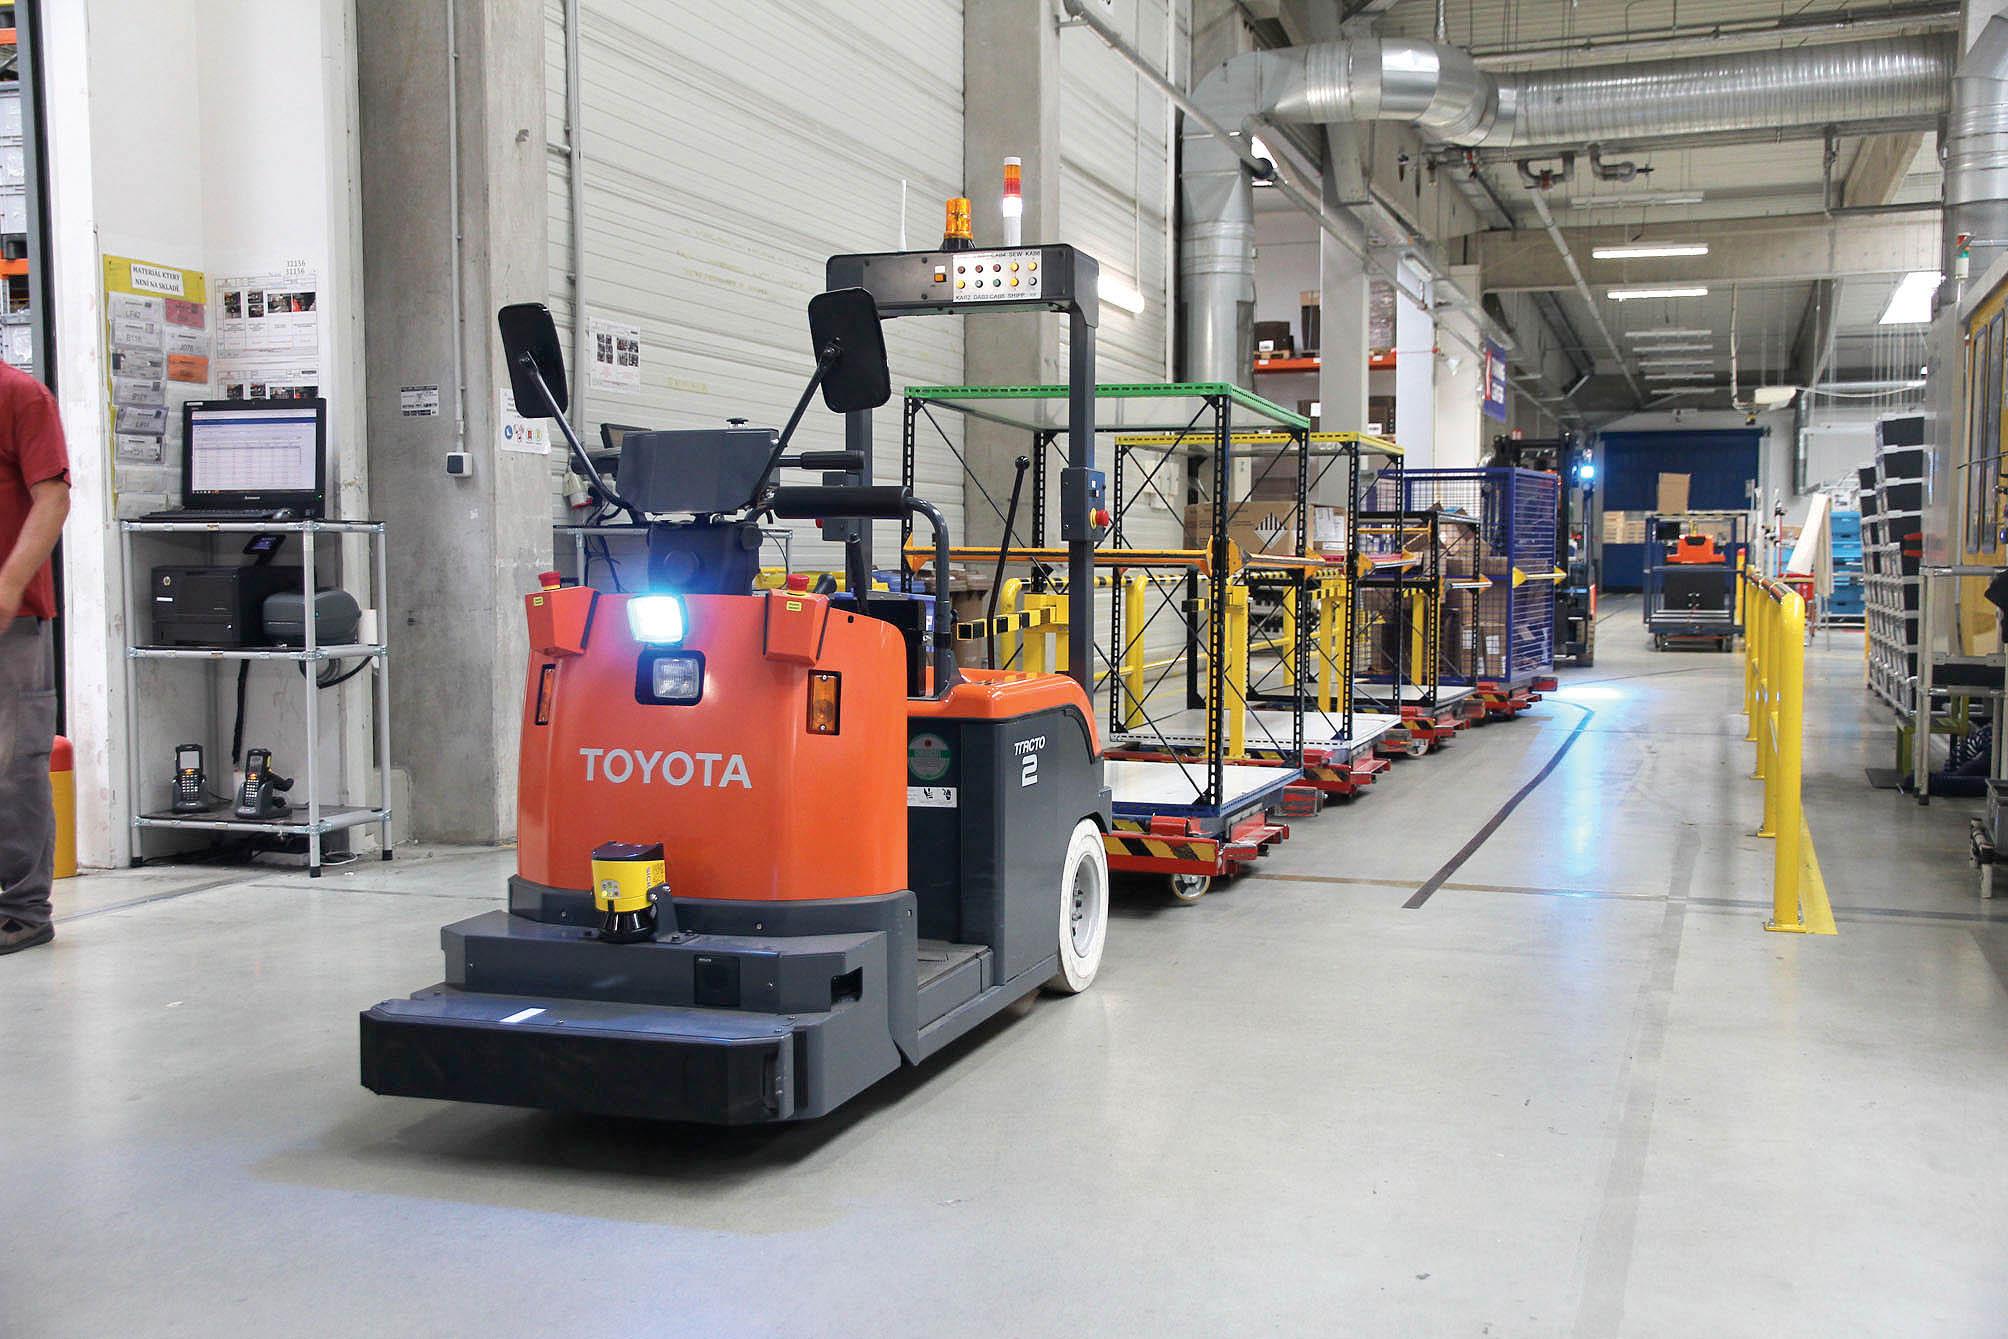 Tovární halou projíždí automatický tahač Toyota Tracto svláčkem.